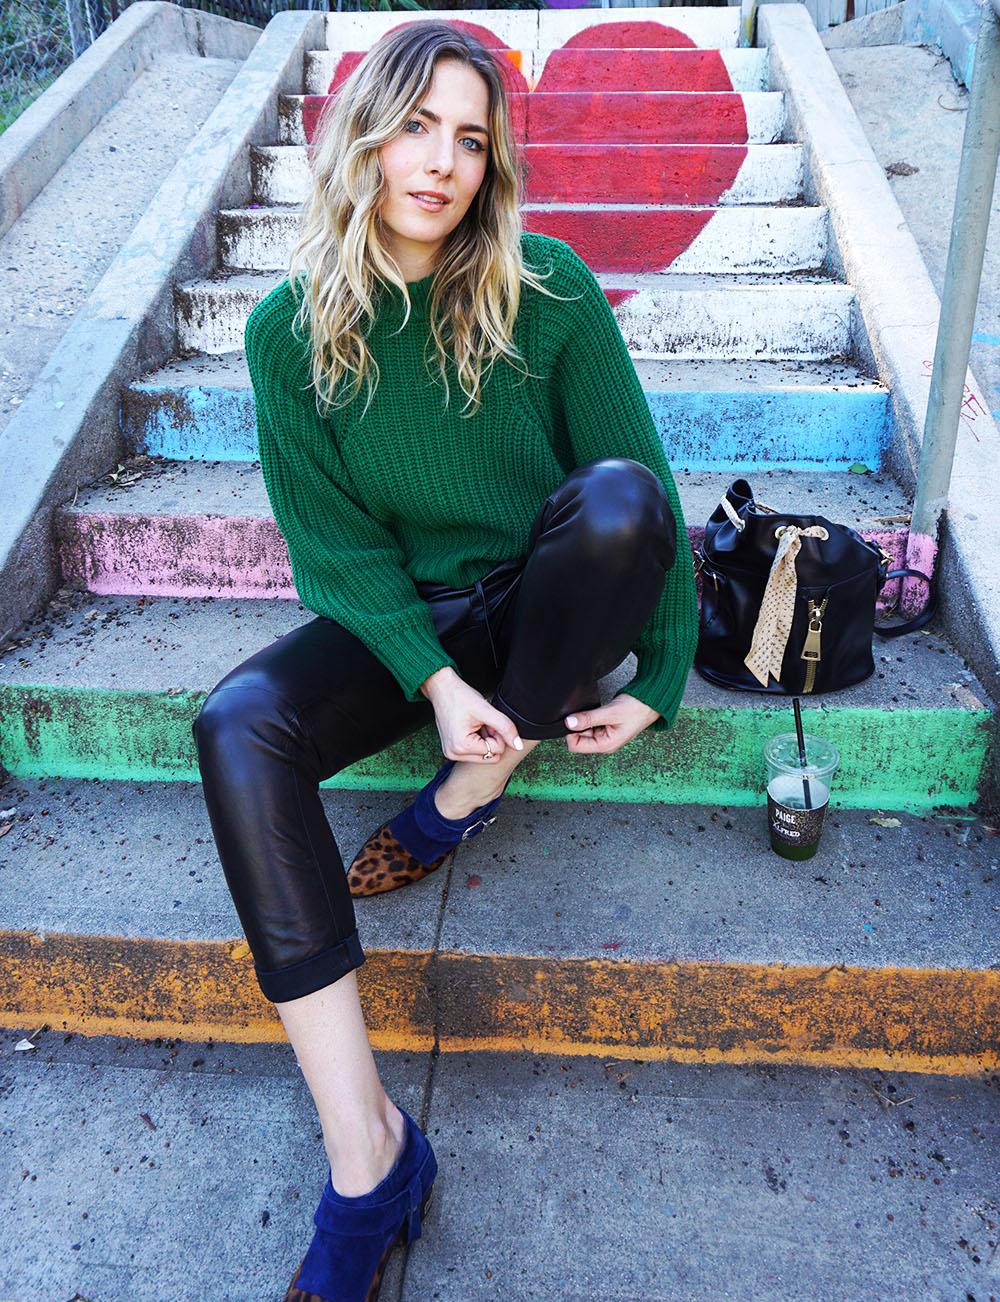 leathertrackpants-athleisure-kimberlyrabbit-greenknitsweater.jpg